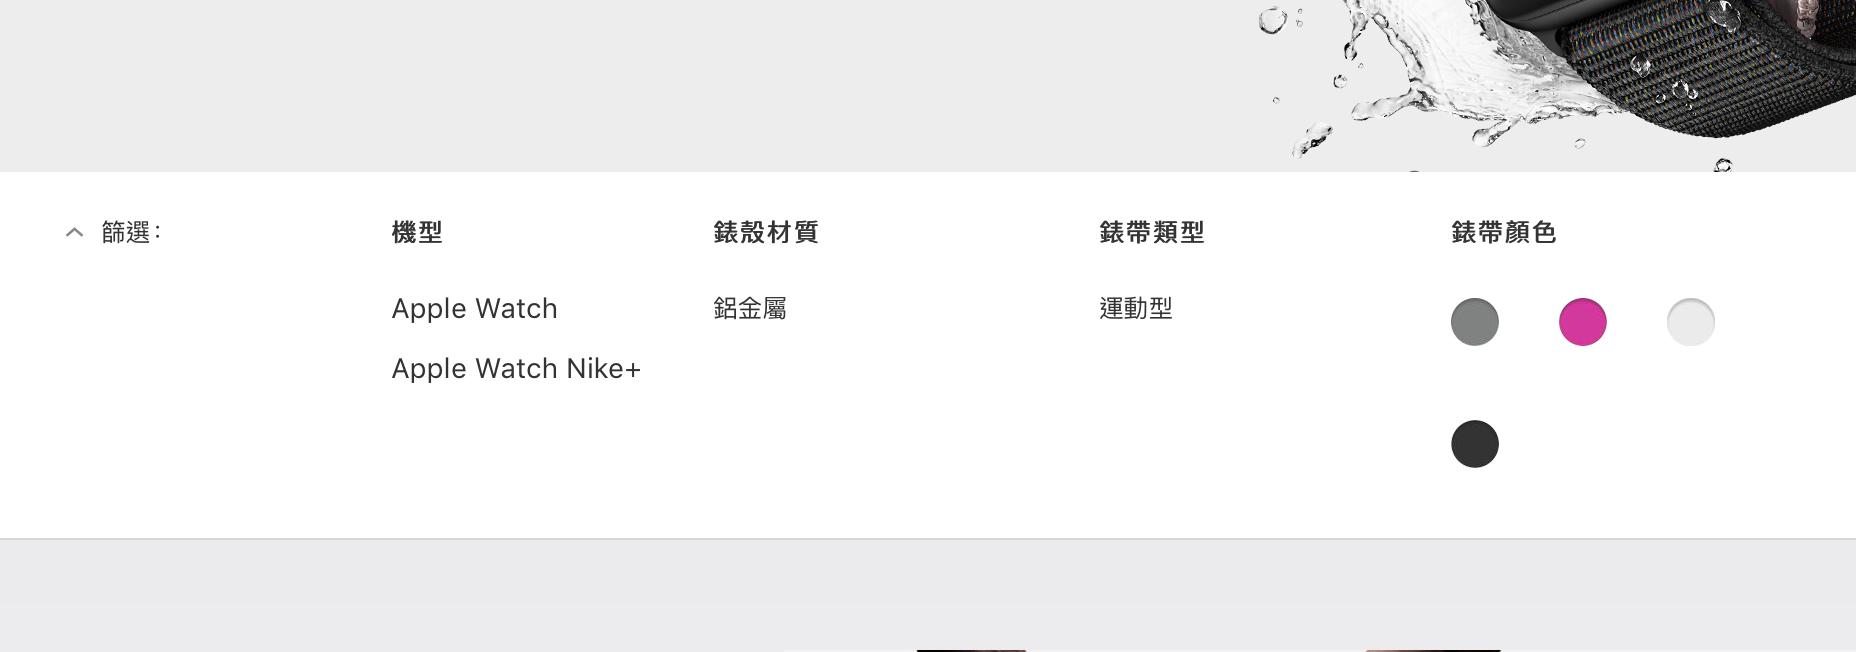 不鏽鋼台灣暫不販售